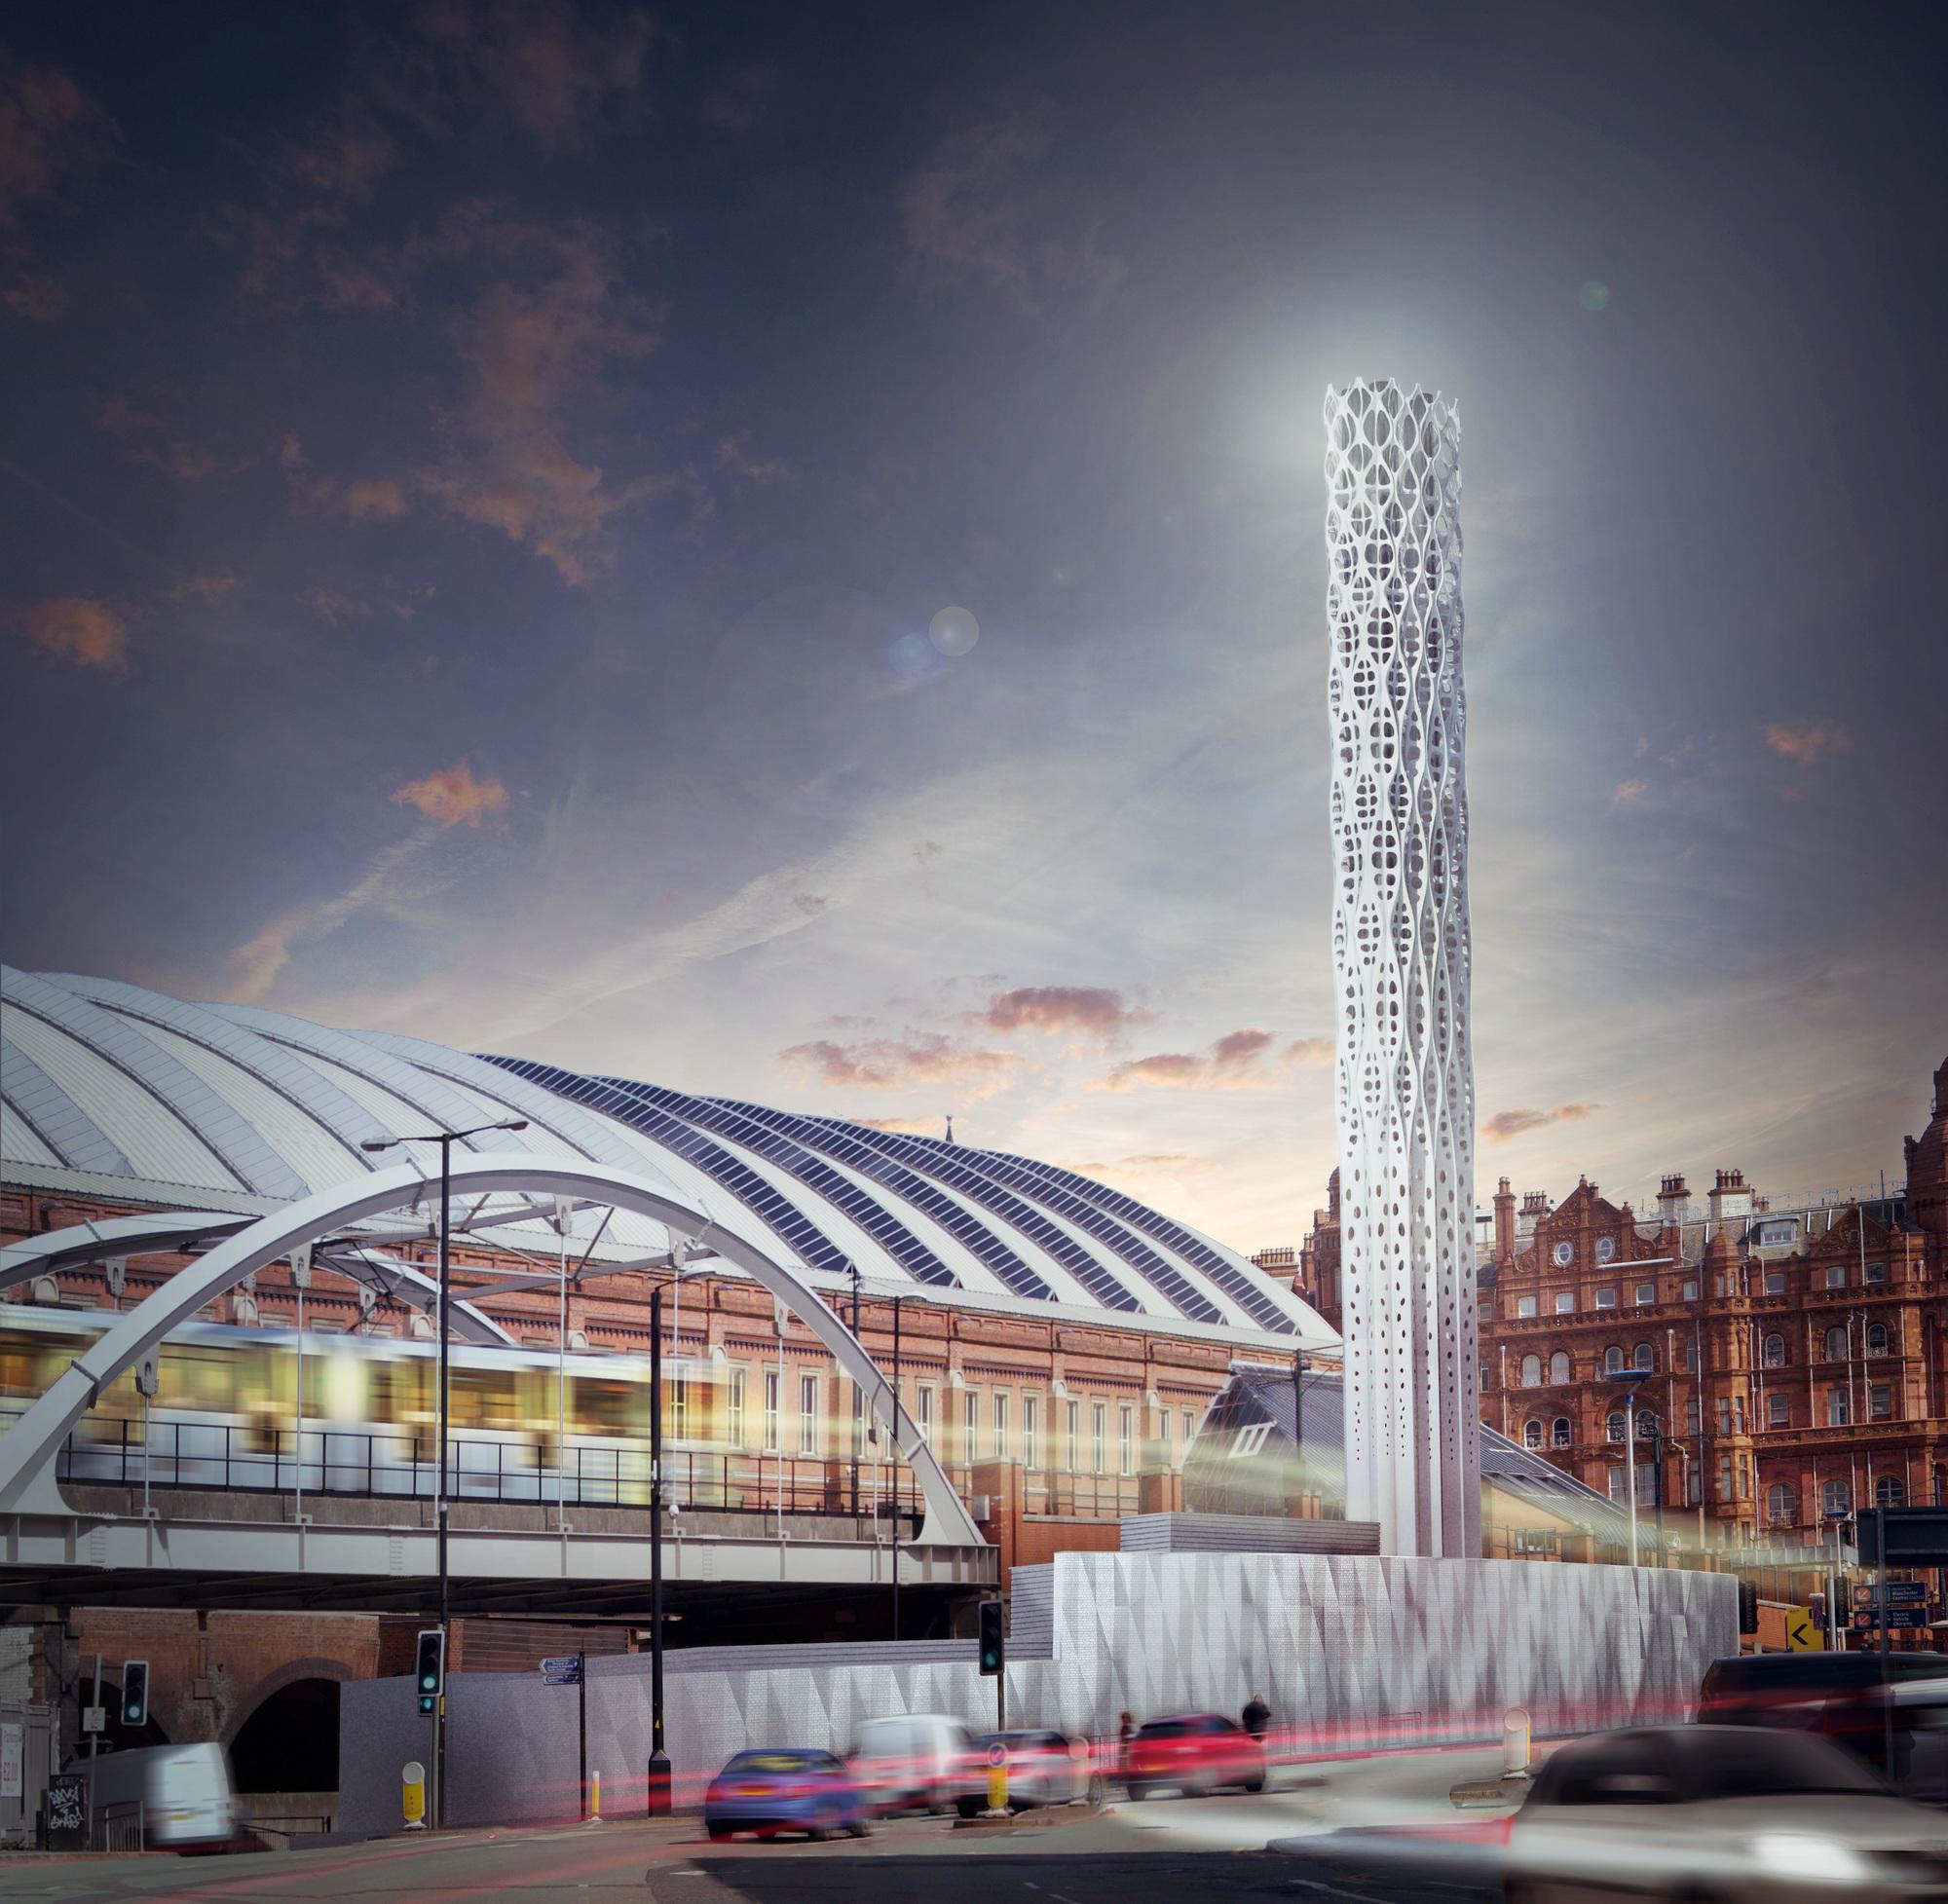 Galer a de tonkin liu crea dispositivo m dico inspirado en for Estructuras arquitectonicas